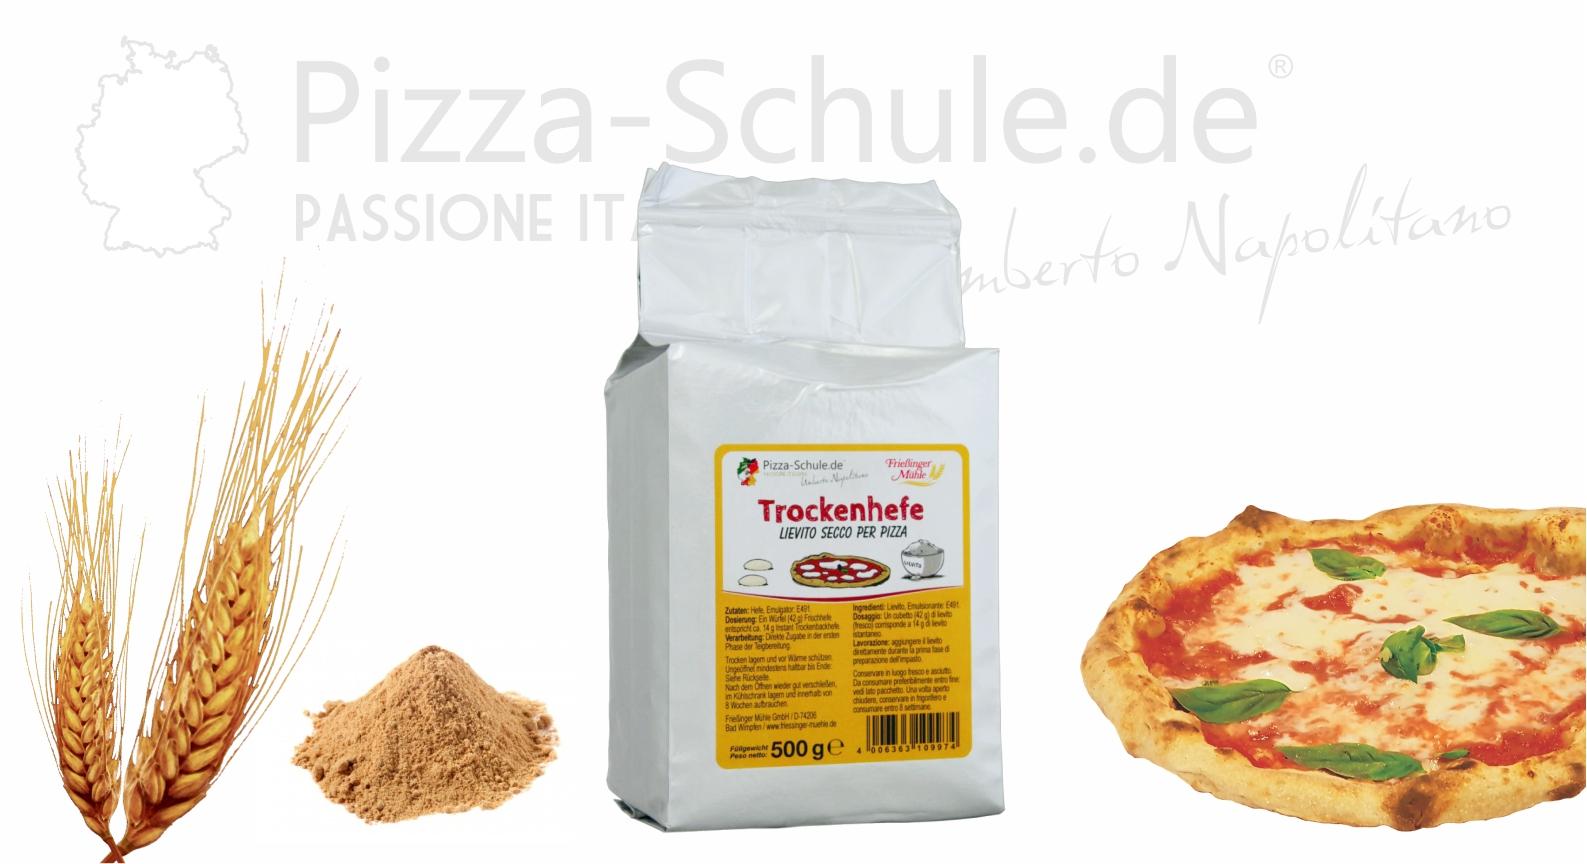 Trocknehefe Lievito secco Pizza - Pizza-Schule